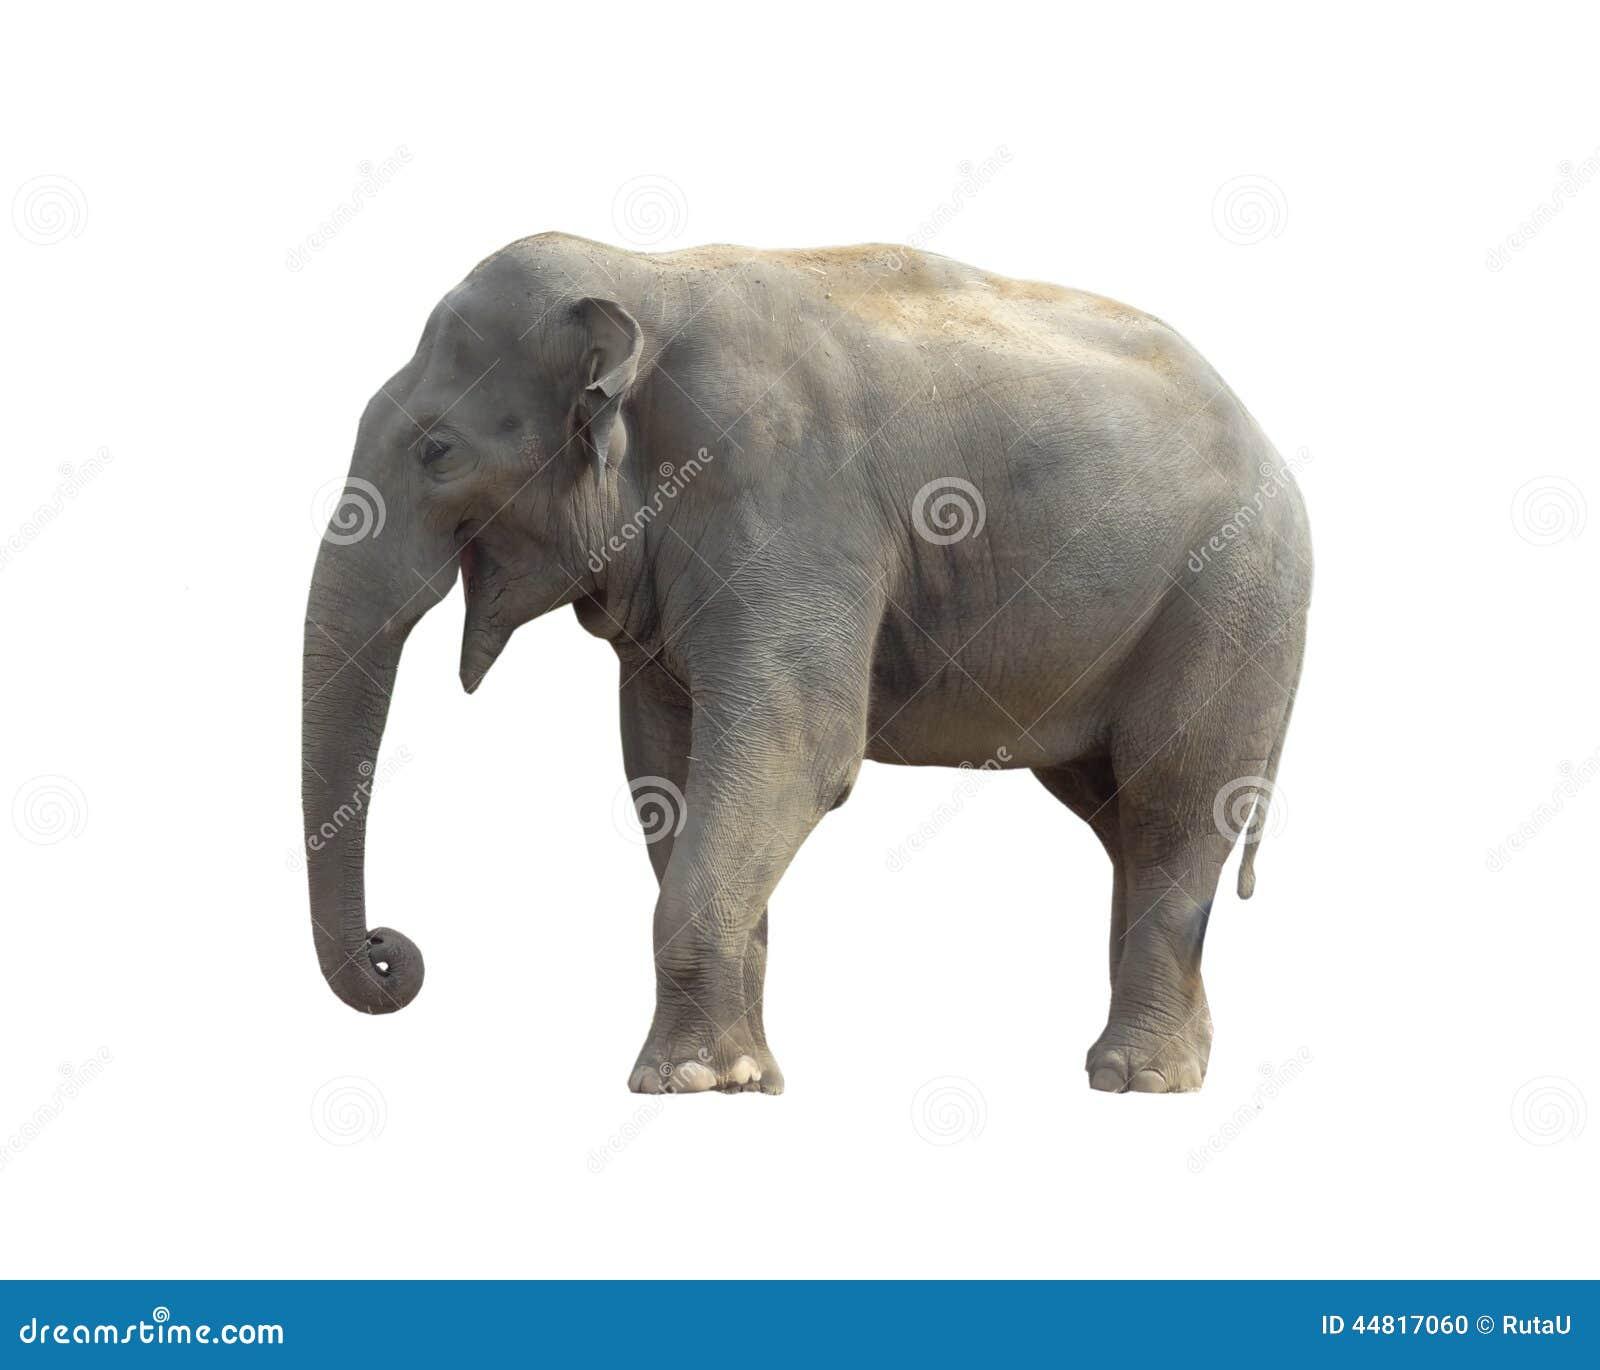 Elephant Stock Photo - Image: 44817060